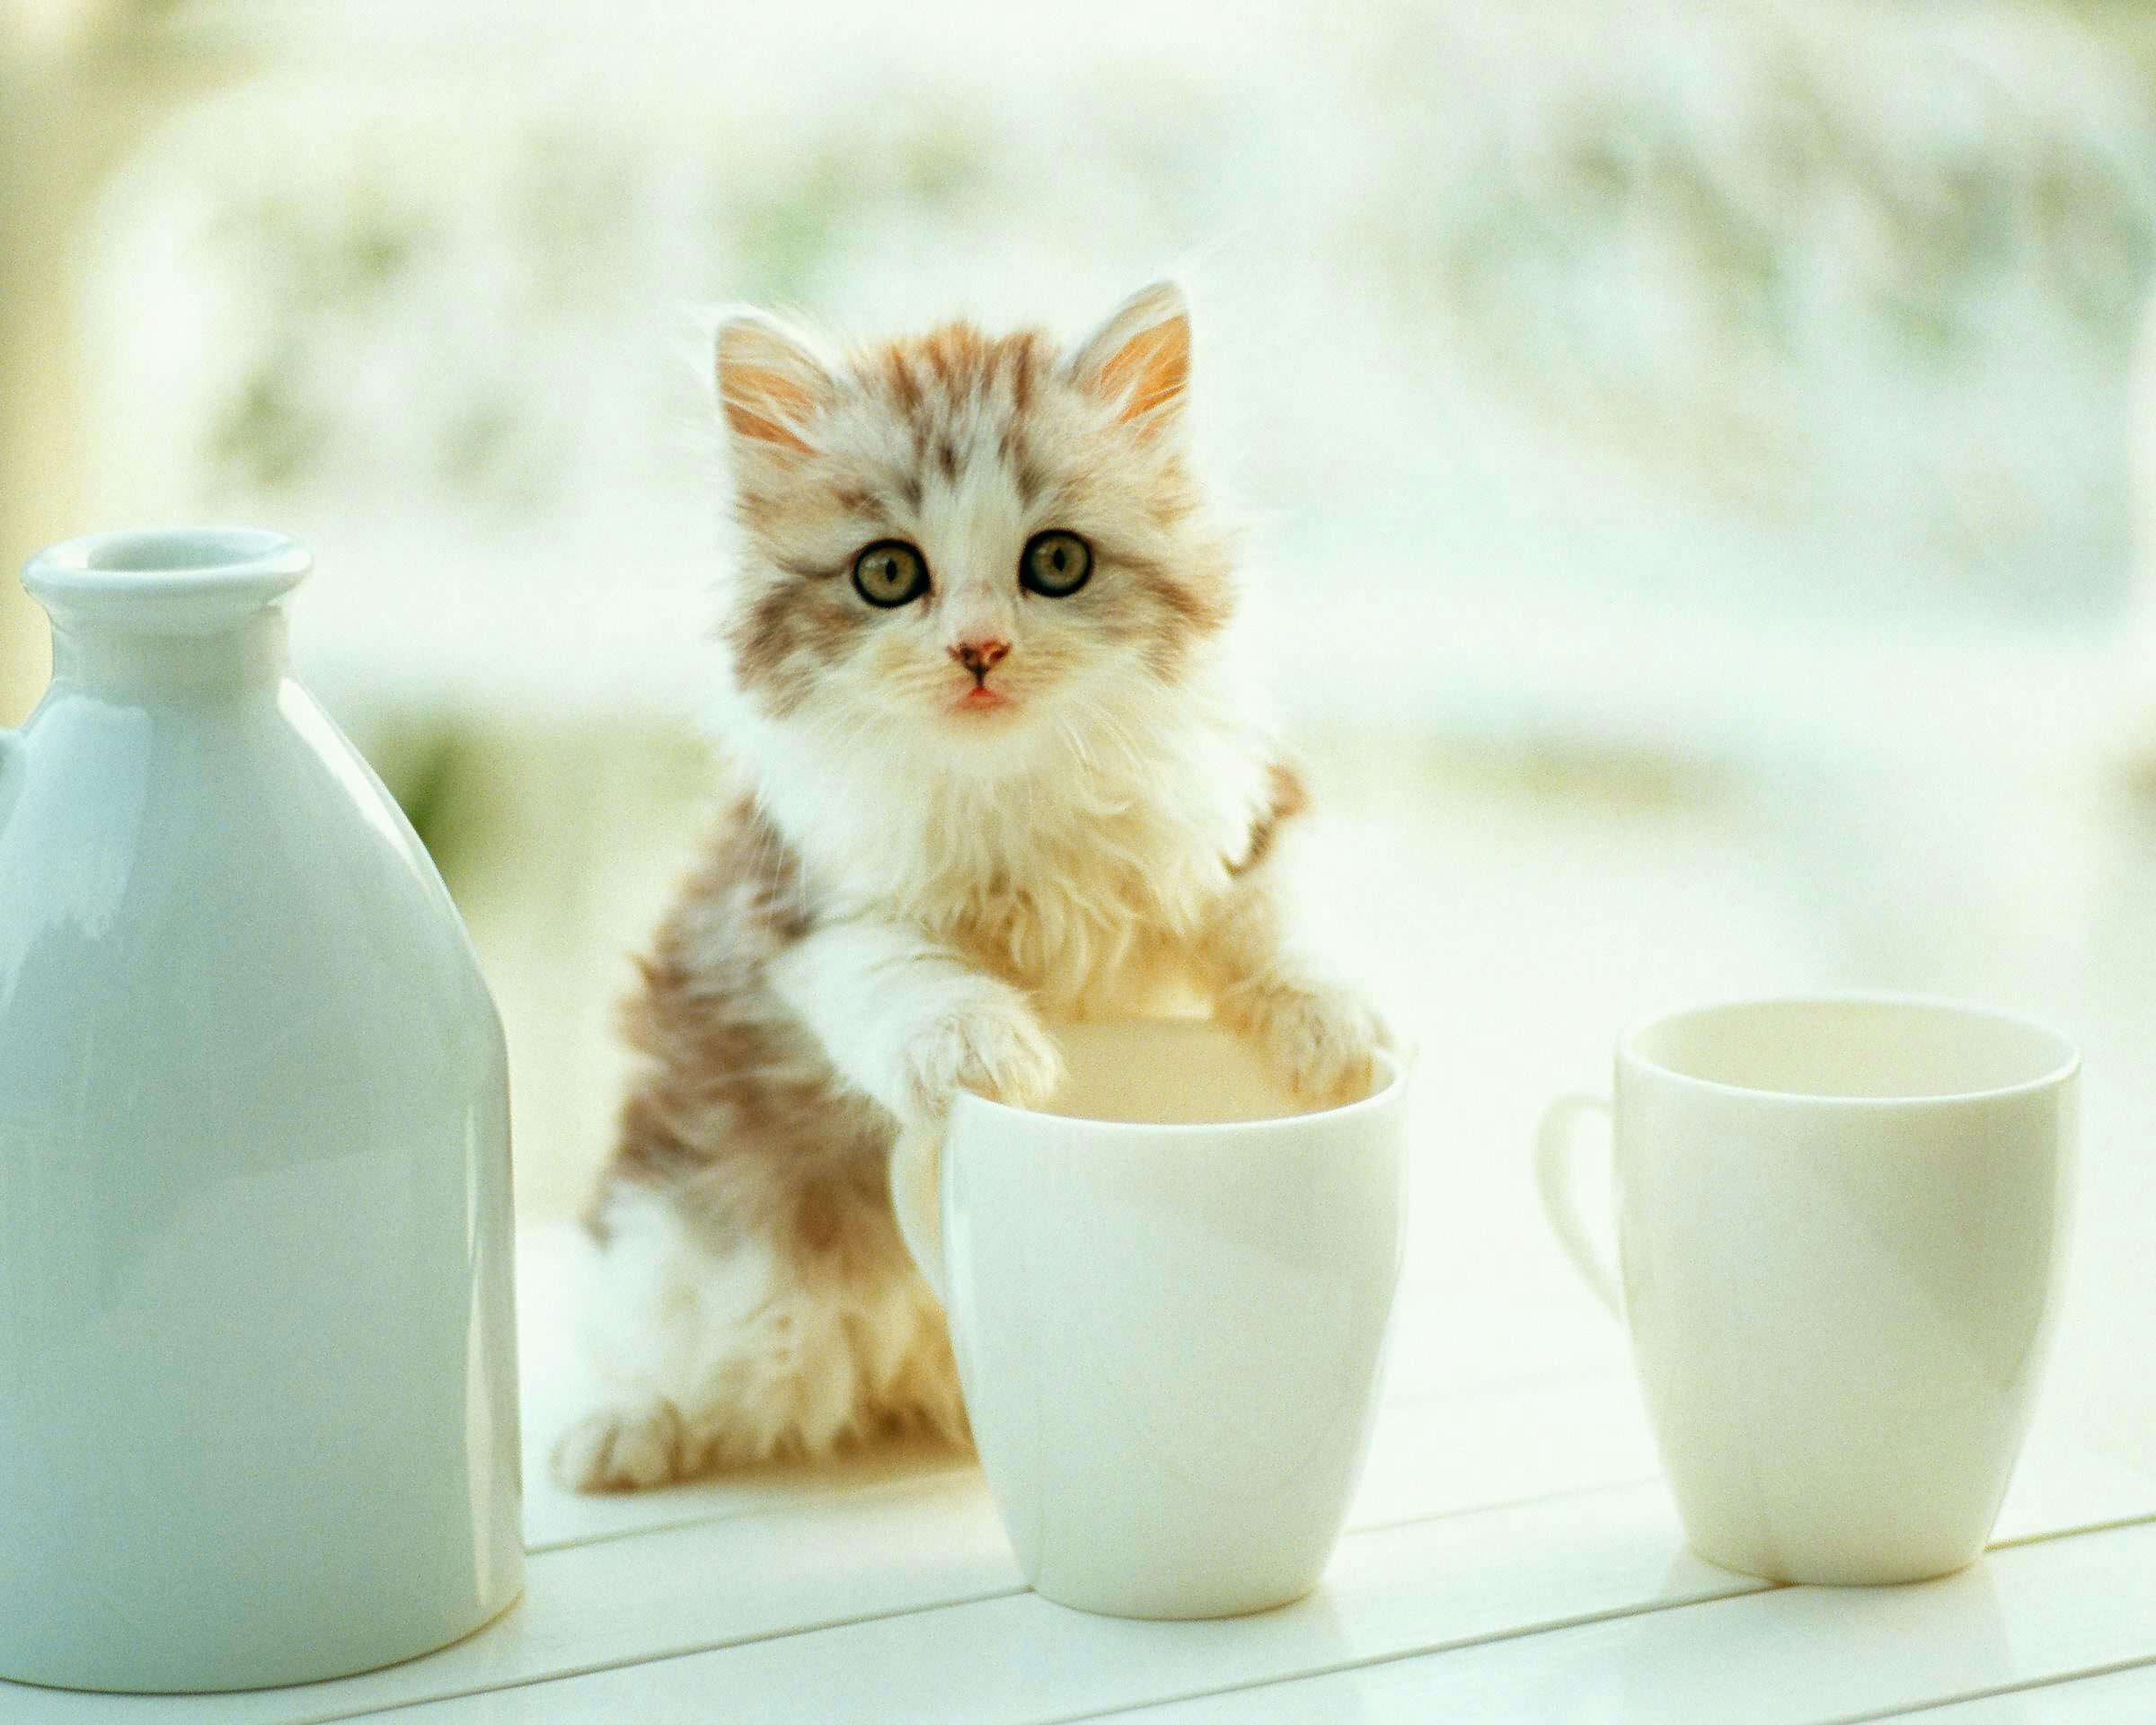 壁纸 动物 猫 猫咪 小猫 桌面 2400_1920